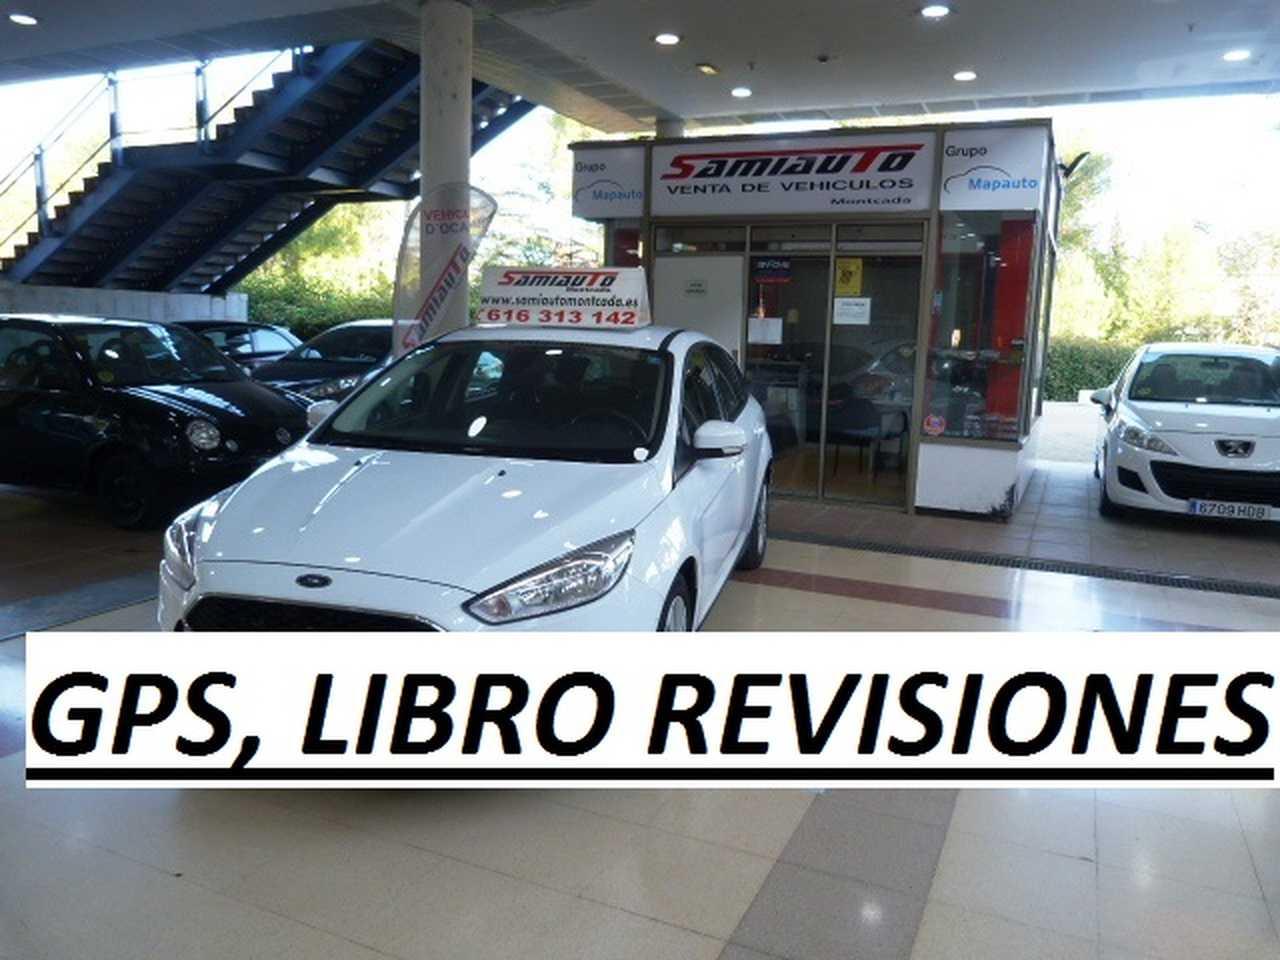 Ford Focus 1.6 TDCi 115cv Trend 5p UN SOLO PROPIETARIO LIBRO DE REVISIONES  - Foto 1